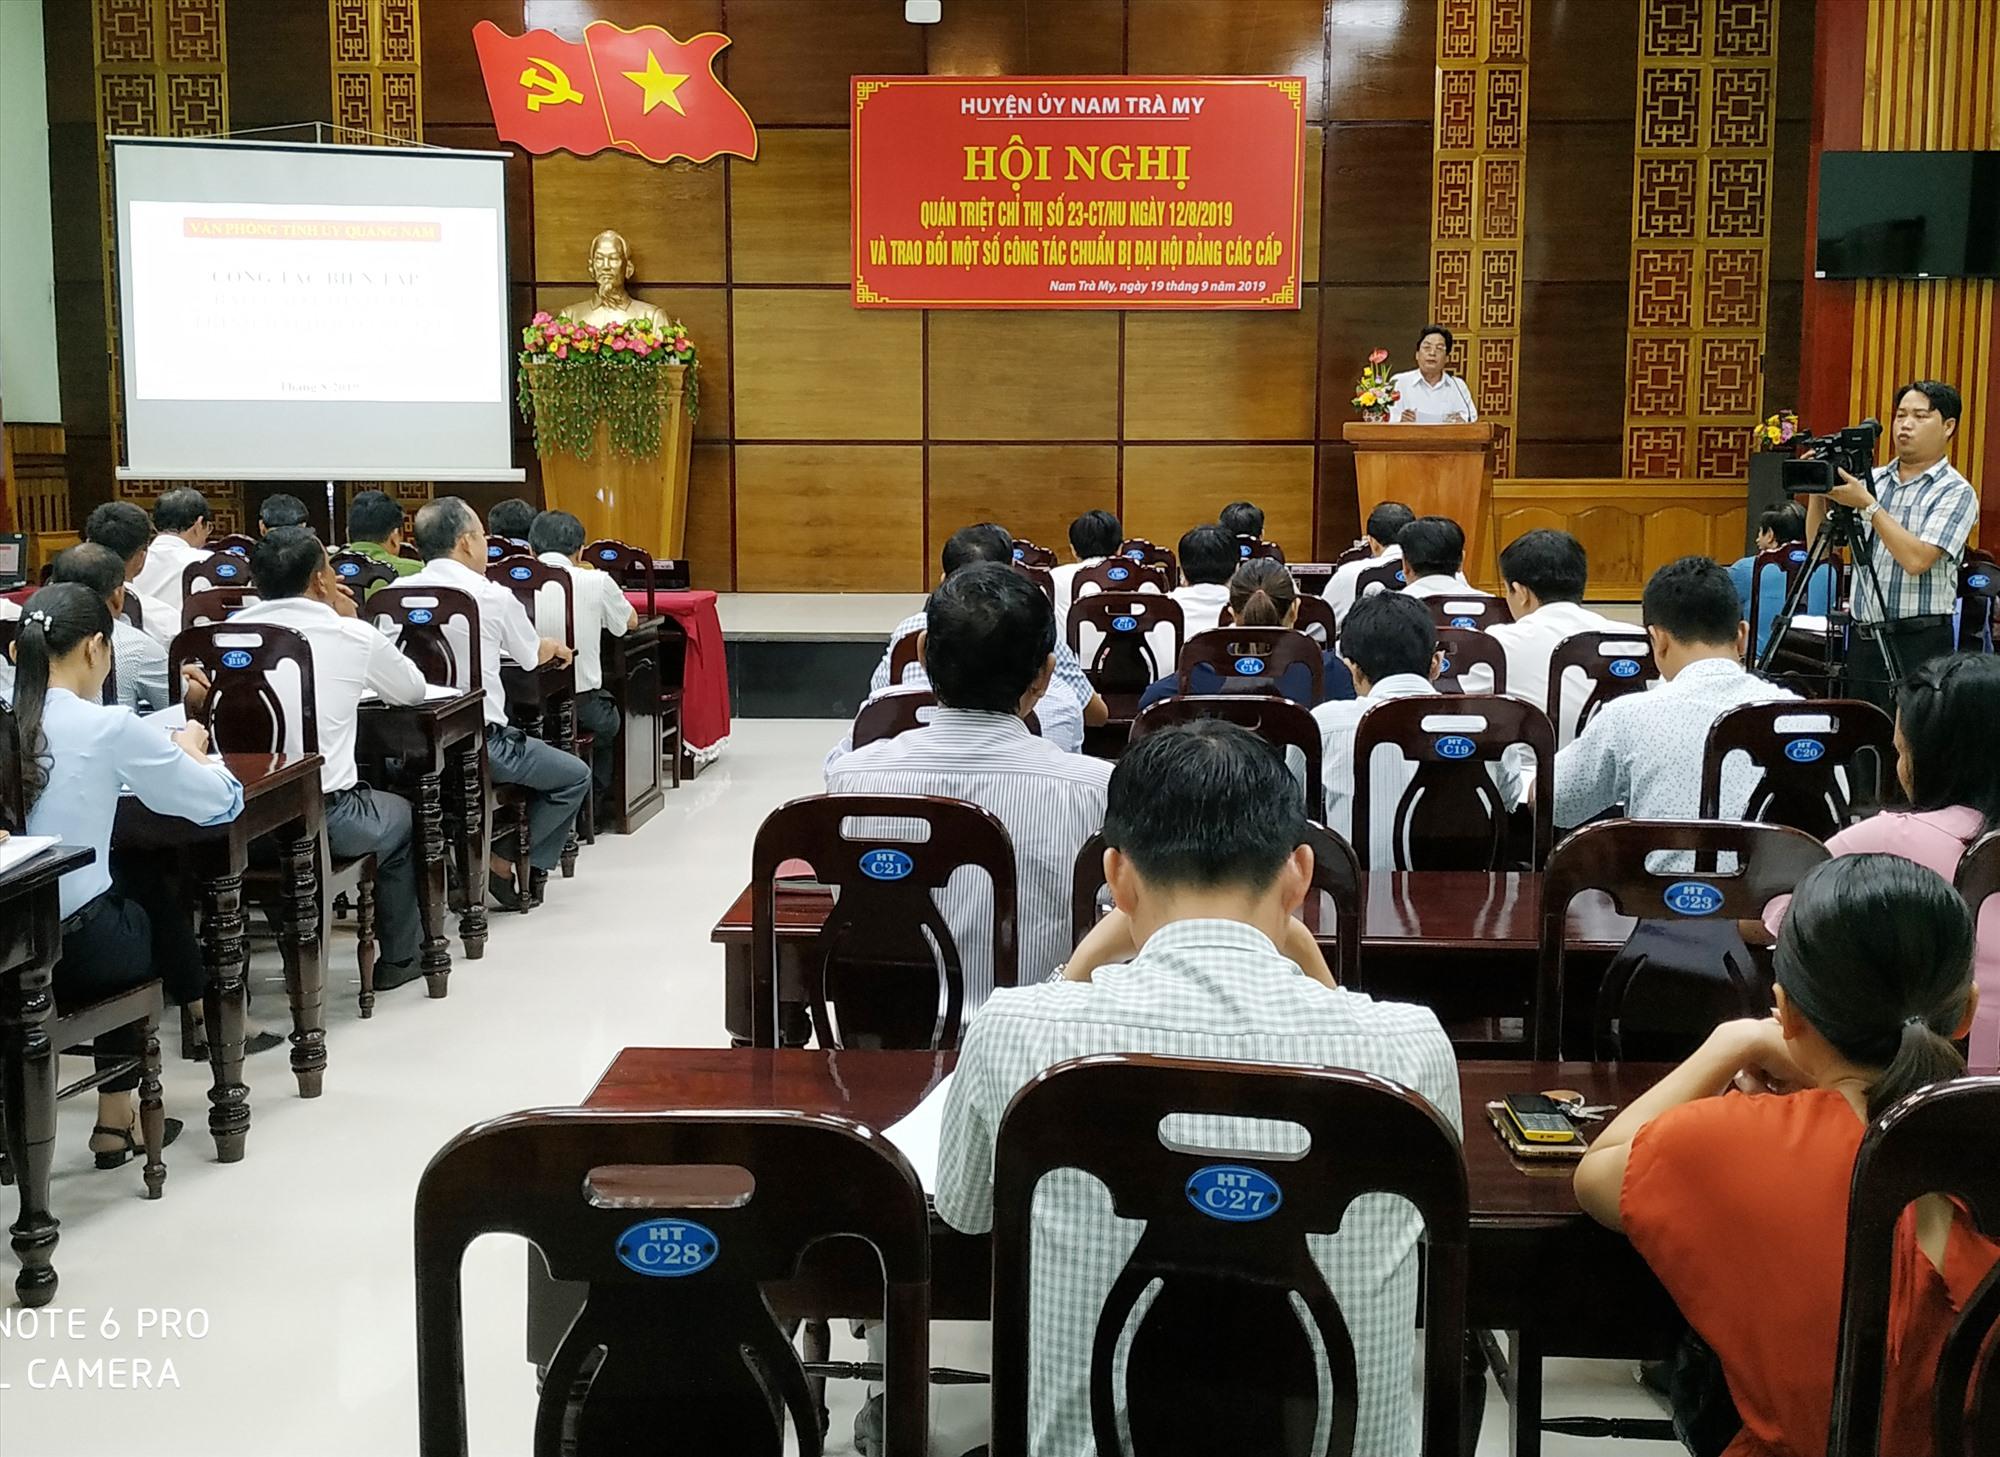 Ban Thường vụ Huyện ủy Nam Trà My tổ chức hội nghị quán triệt, triển khai nội dung chuẩn bị đại hội đảng các cấp. Ảnh: MỸ HẠNH